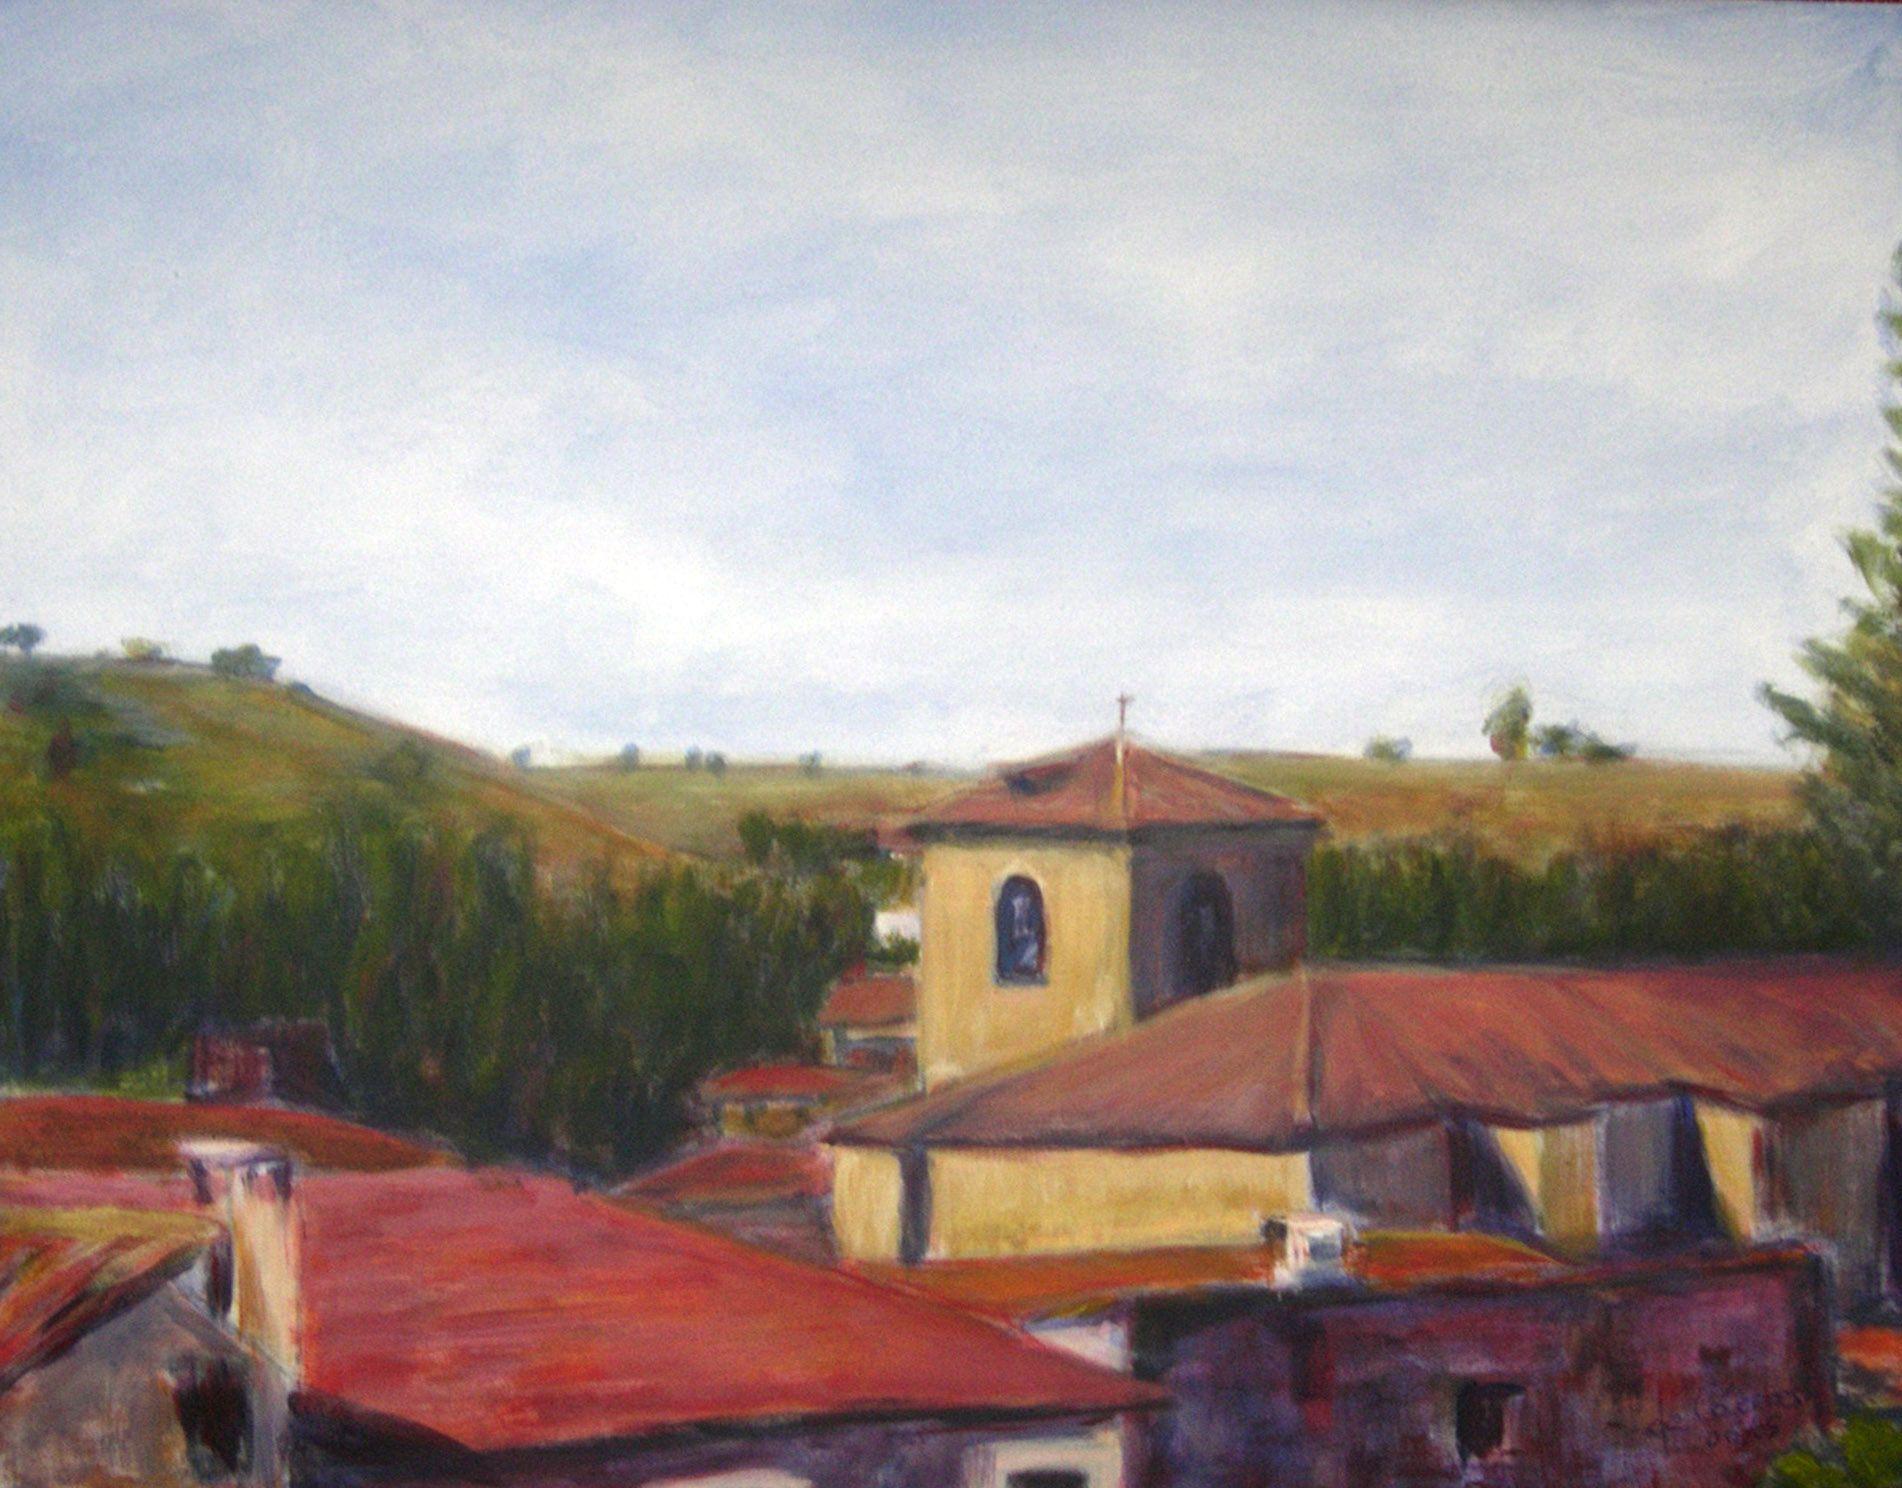 Tejados en Valtiendas - Segovia